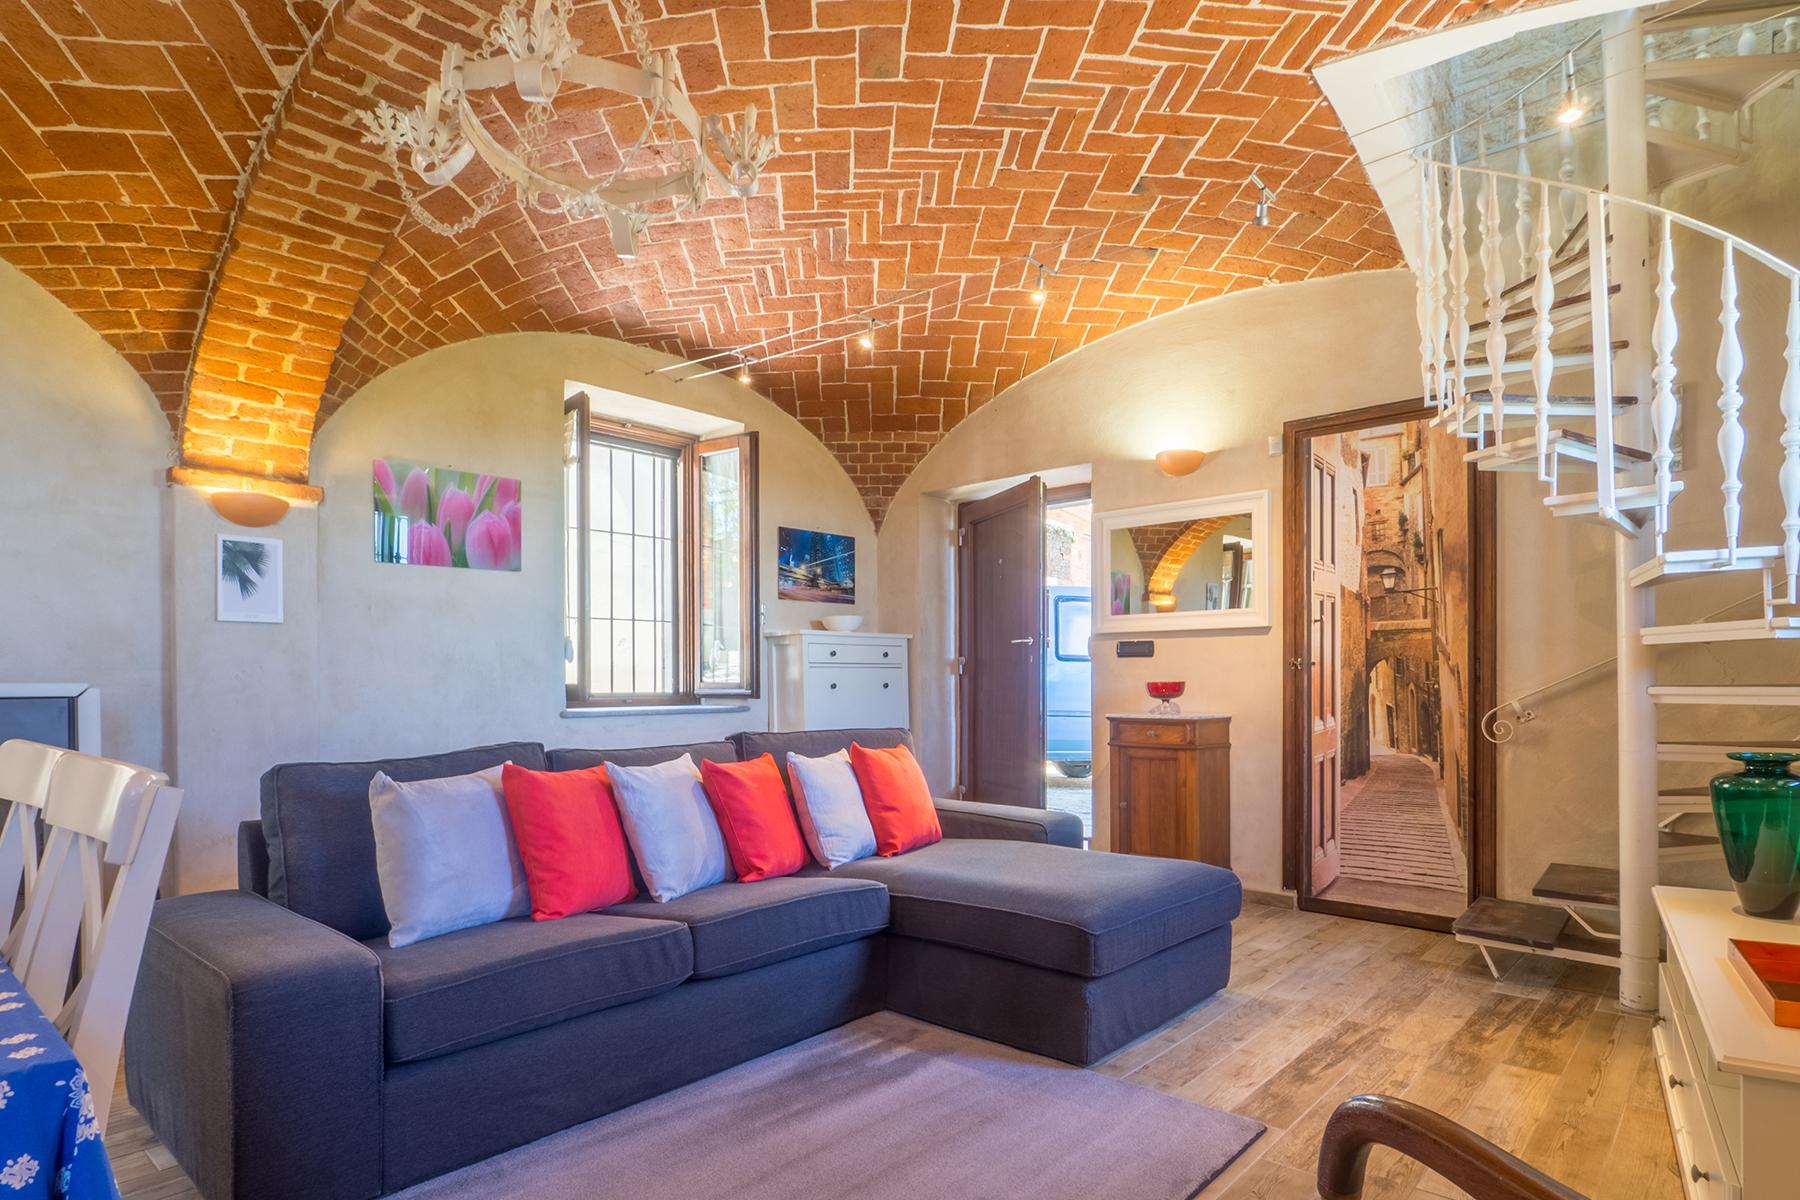 Casa indipendente in Vendita a Castagnole Monferrato: 3 locali, 101 mq